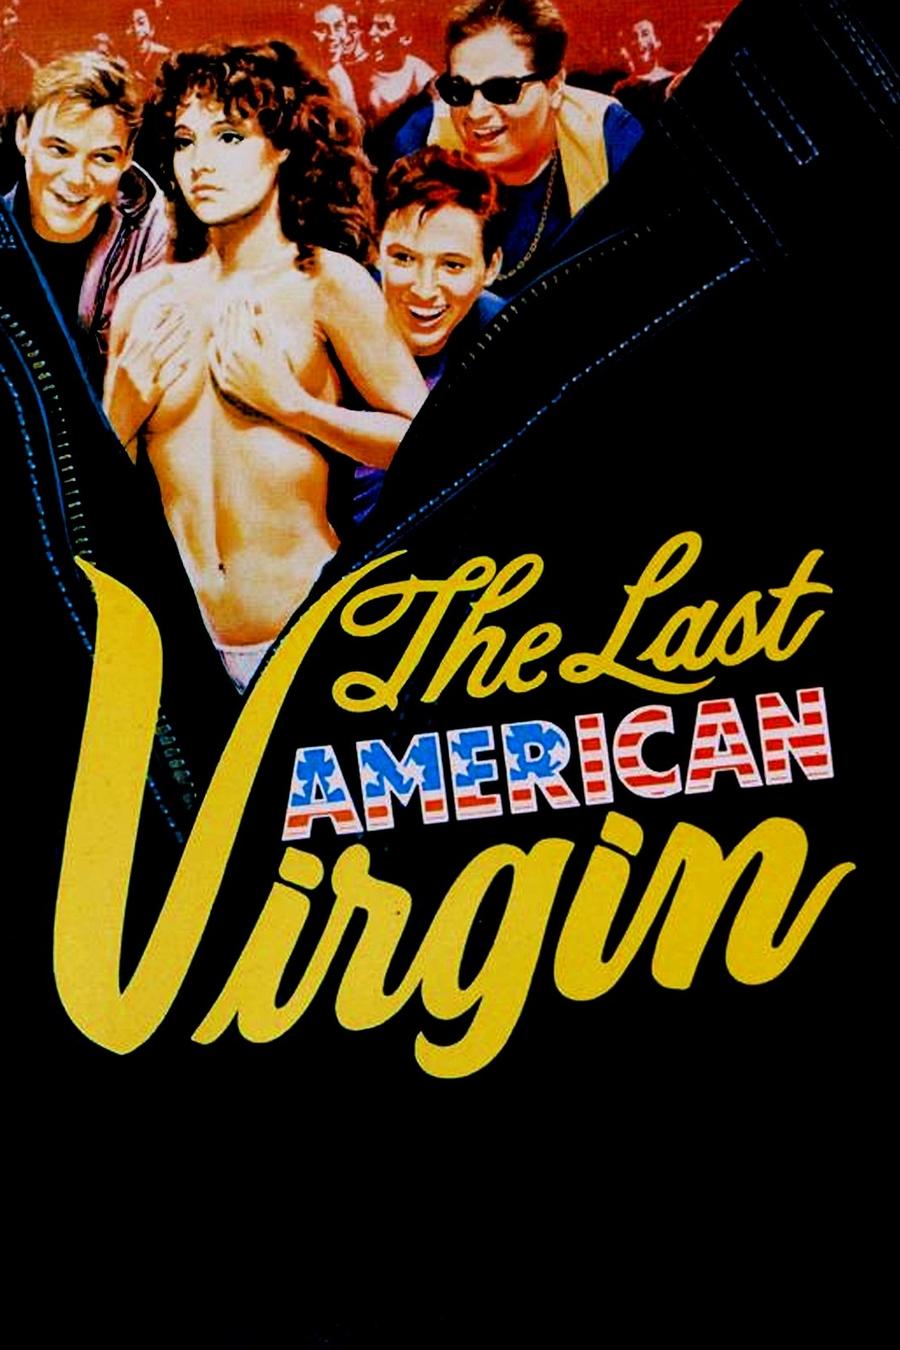 El último americano virgen